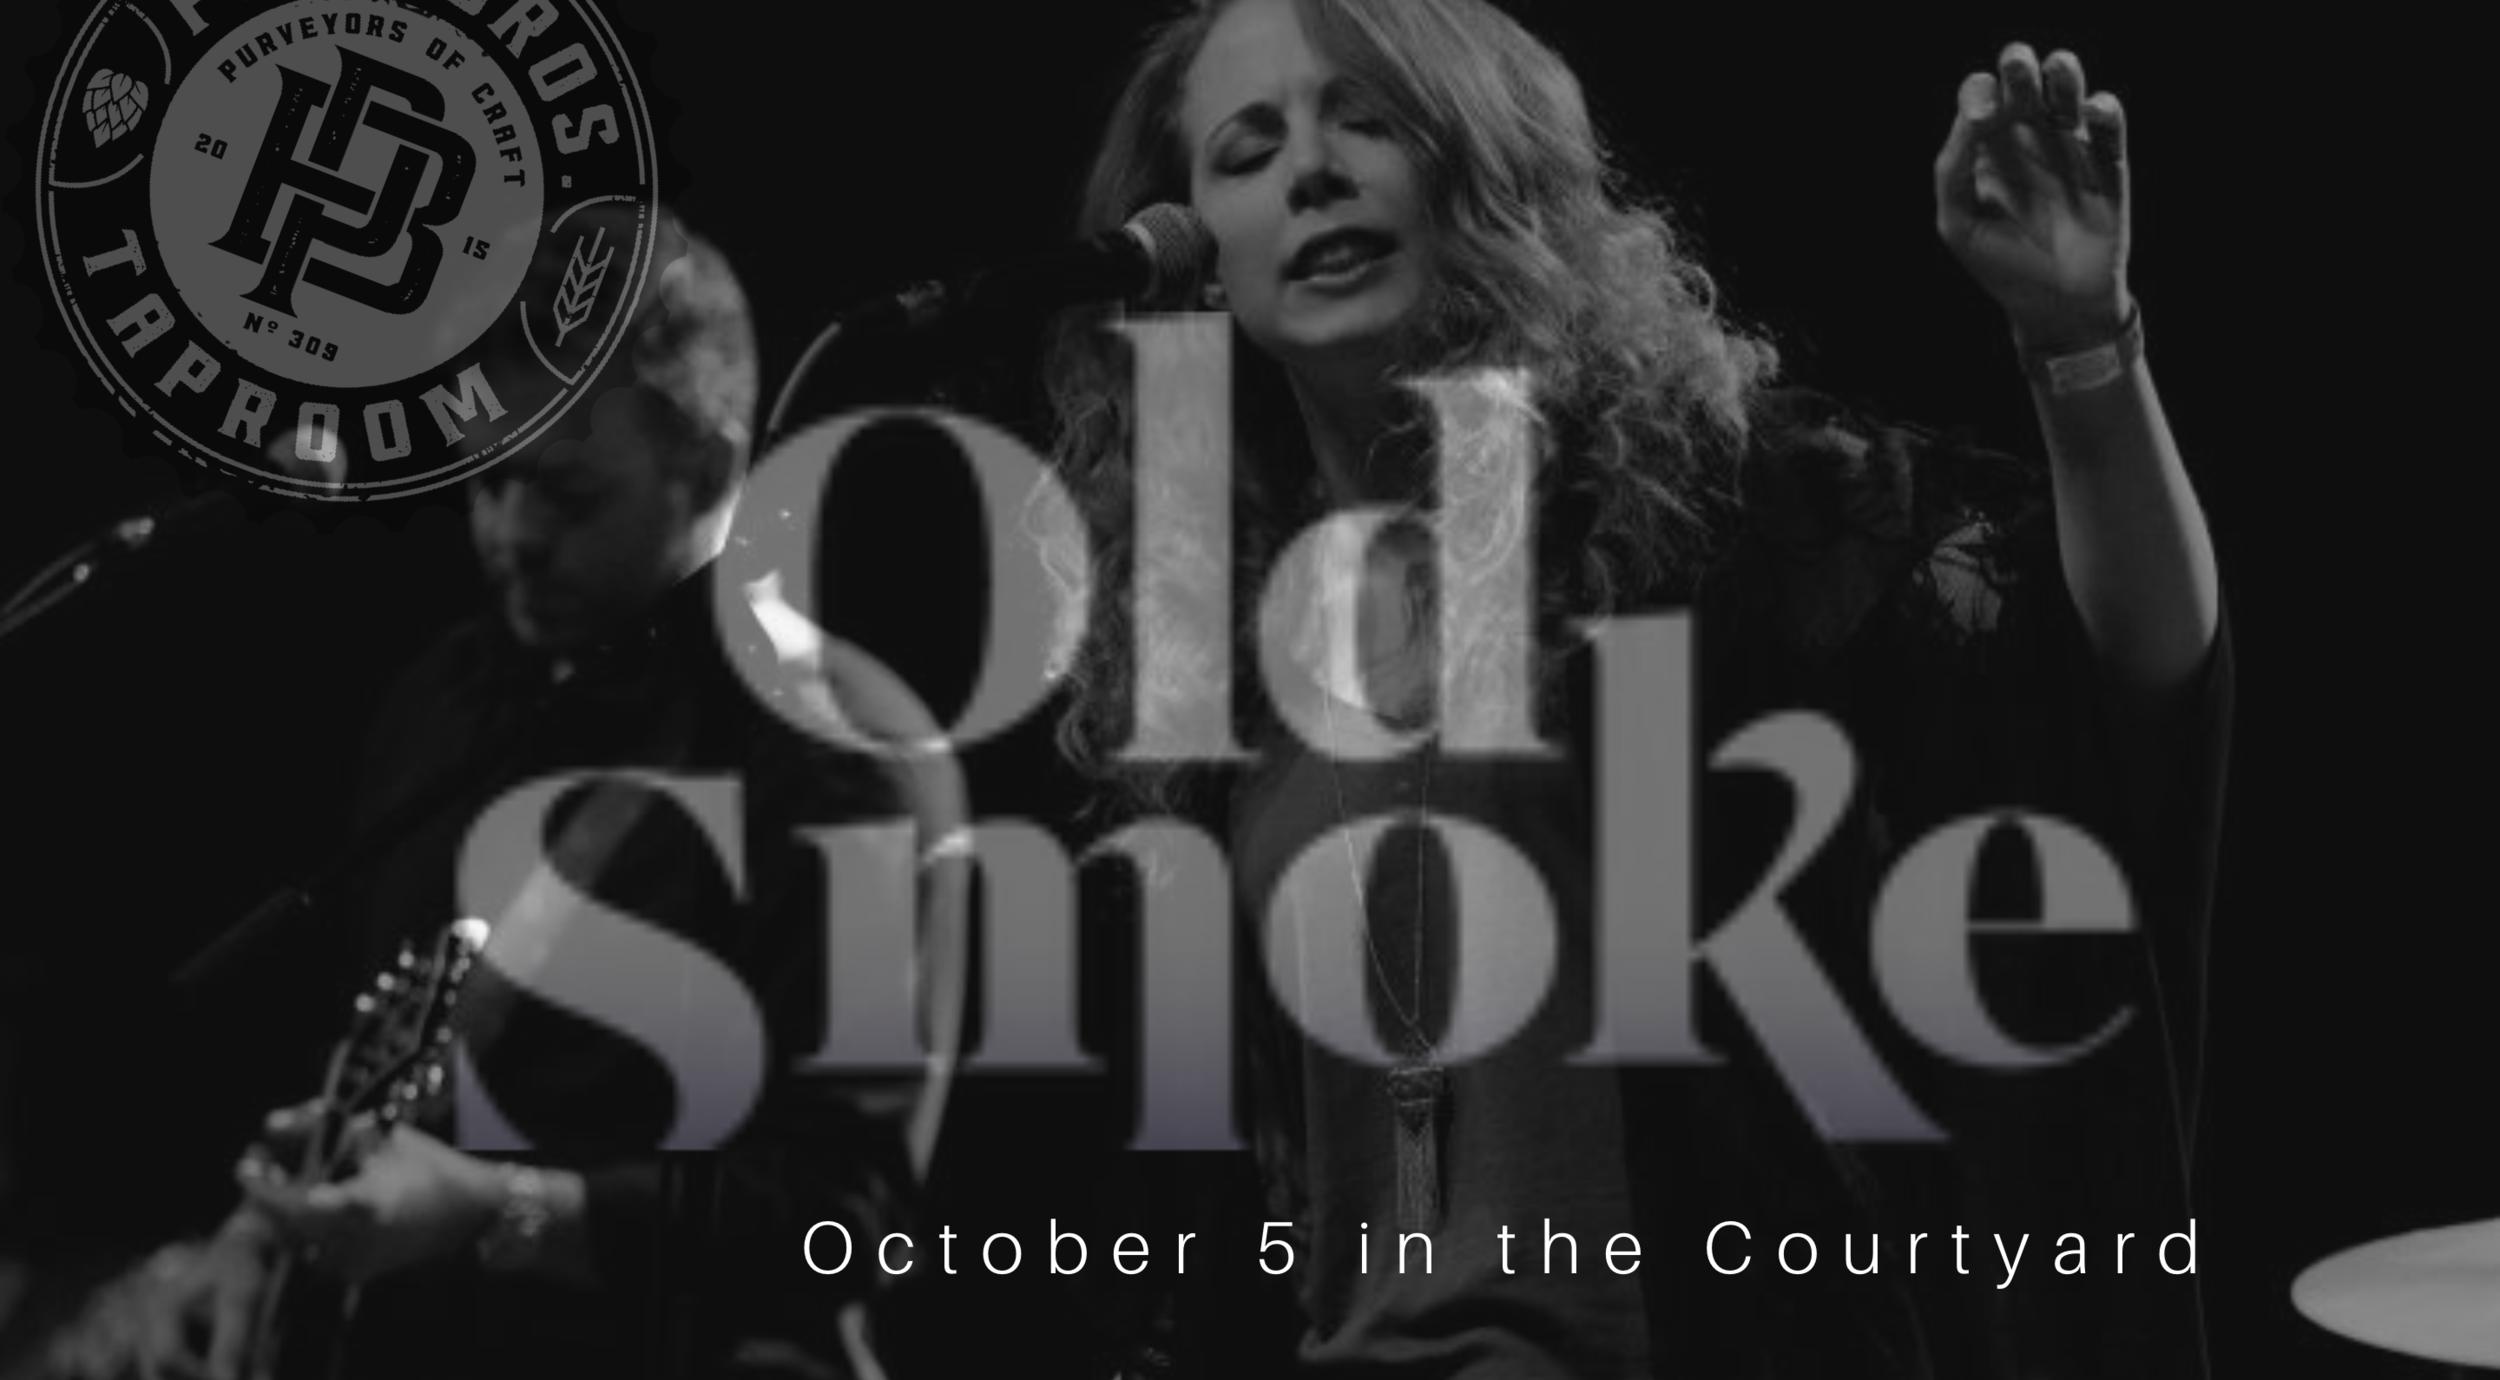 old smoke fb.png